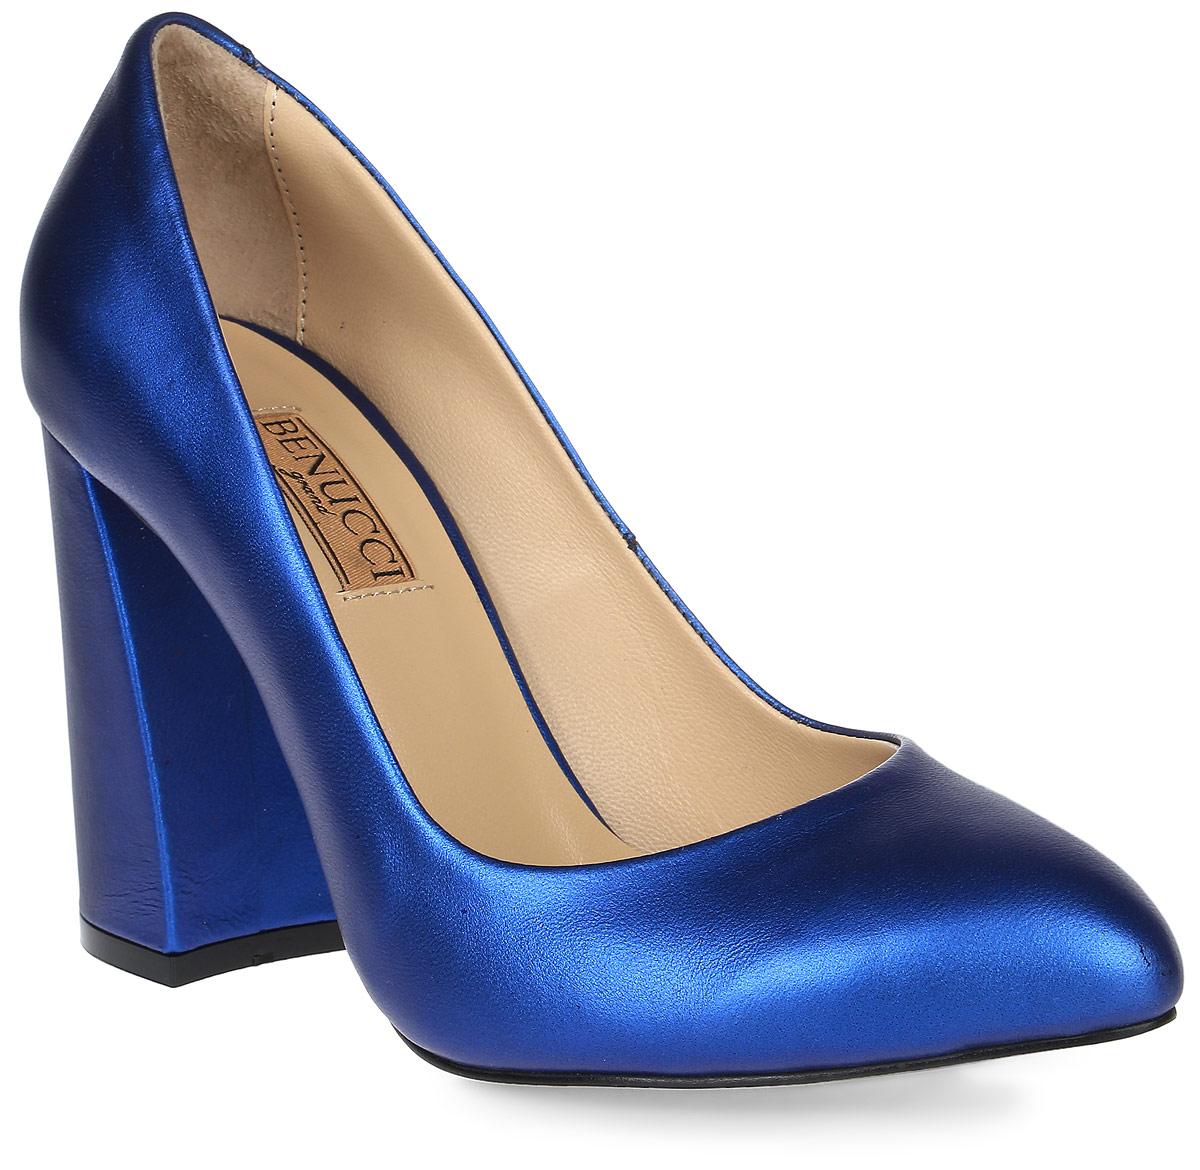 Туфли женские Benucci, цвет: синий. 1202. Размер 381202Женские туфли от Benucci на устойчивом каблуке выполнены из натуральной кожи. Подкладка, изготовленная из натуральной кожи, обладает хорошей влаговпитываемостью и естественной воздухопроницаемостью. Стелька из натуральной кожи гарантирует комфорт и удобство стопам. Подошва из резины обеспечивает хорошую амортизацию и сцепление с любой поверхностью.